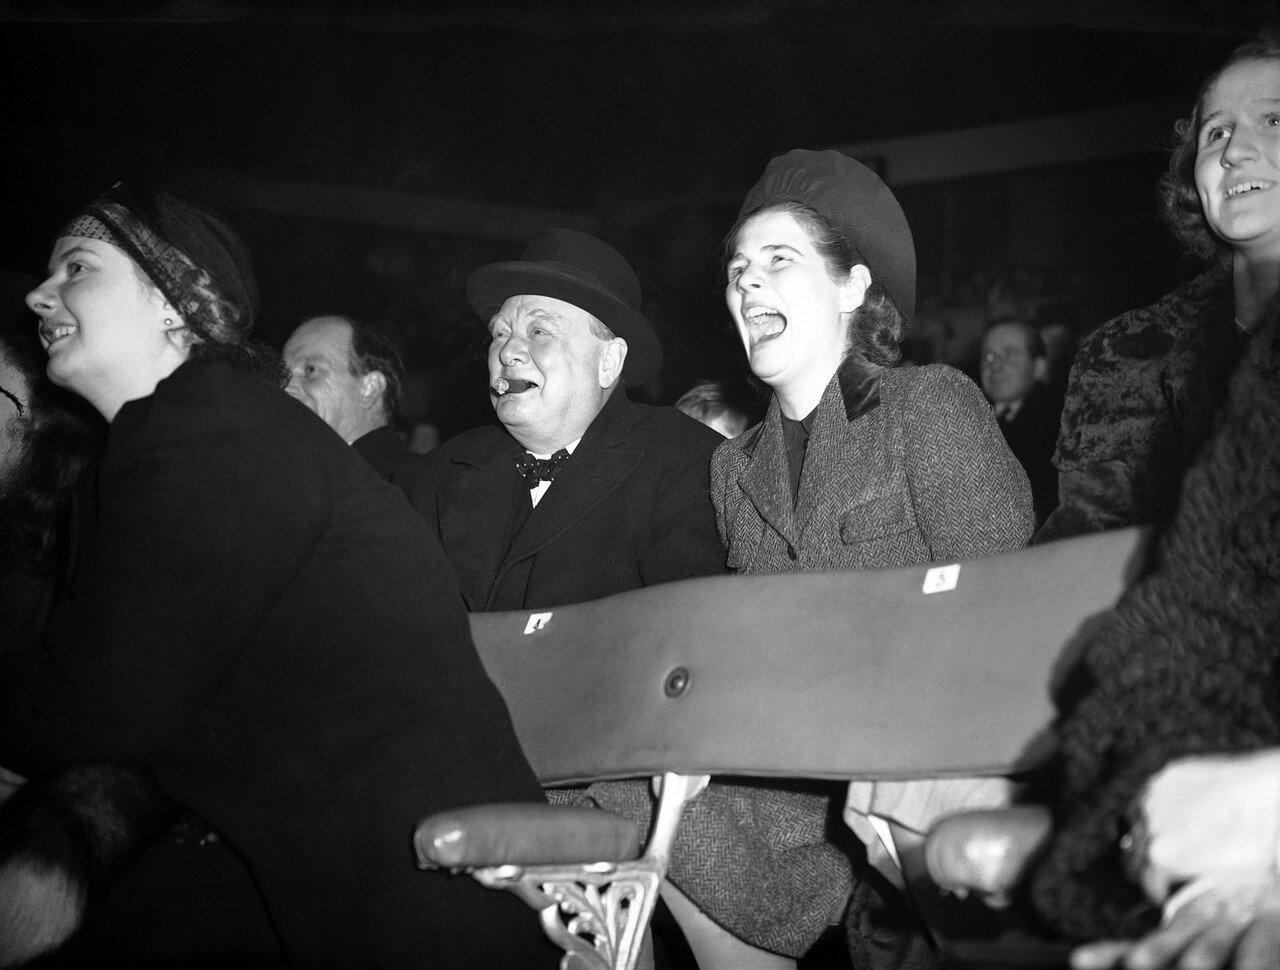 1938. Уинстон Черчилль и его дочь Мэри на шоу в цирке Бертрама Милля в Олимпии, Лондон. 22 декабря